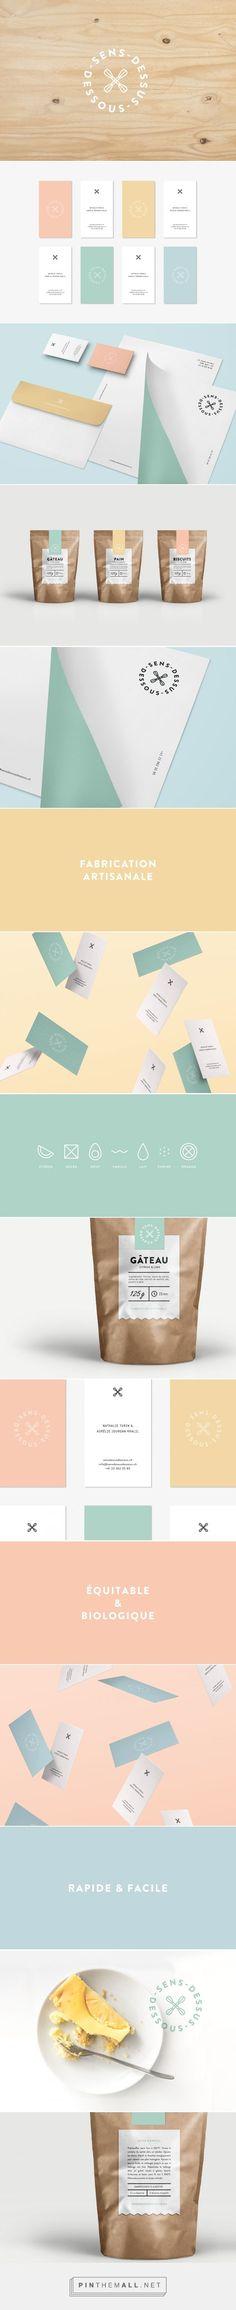 Sens-dessus-dessous on Behance | Fivestar Branding – Design and Branding Agency…